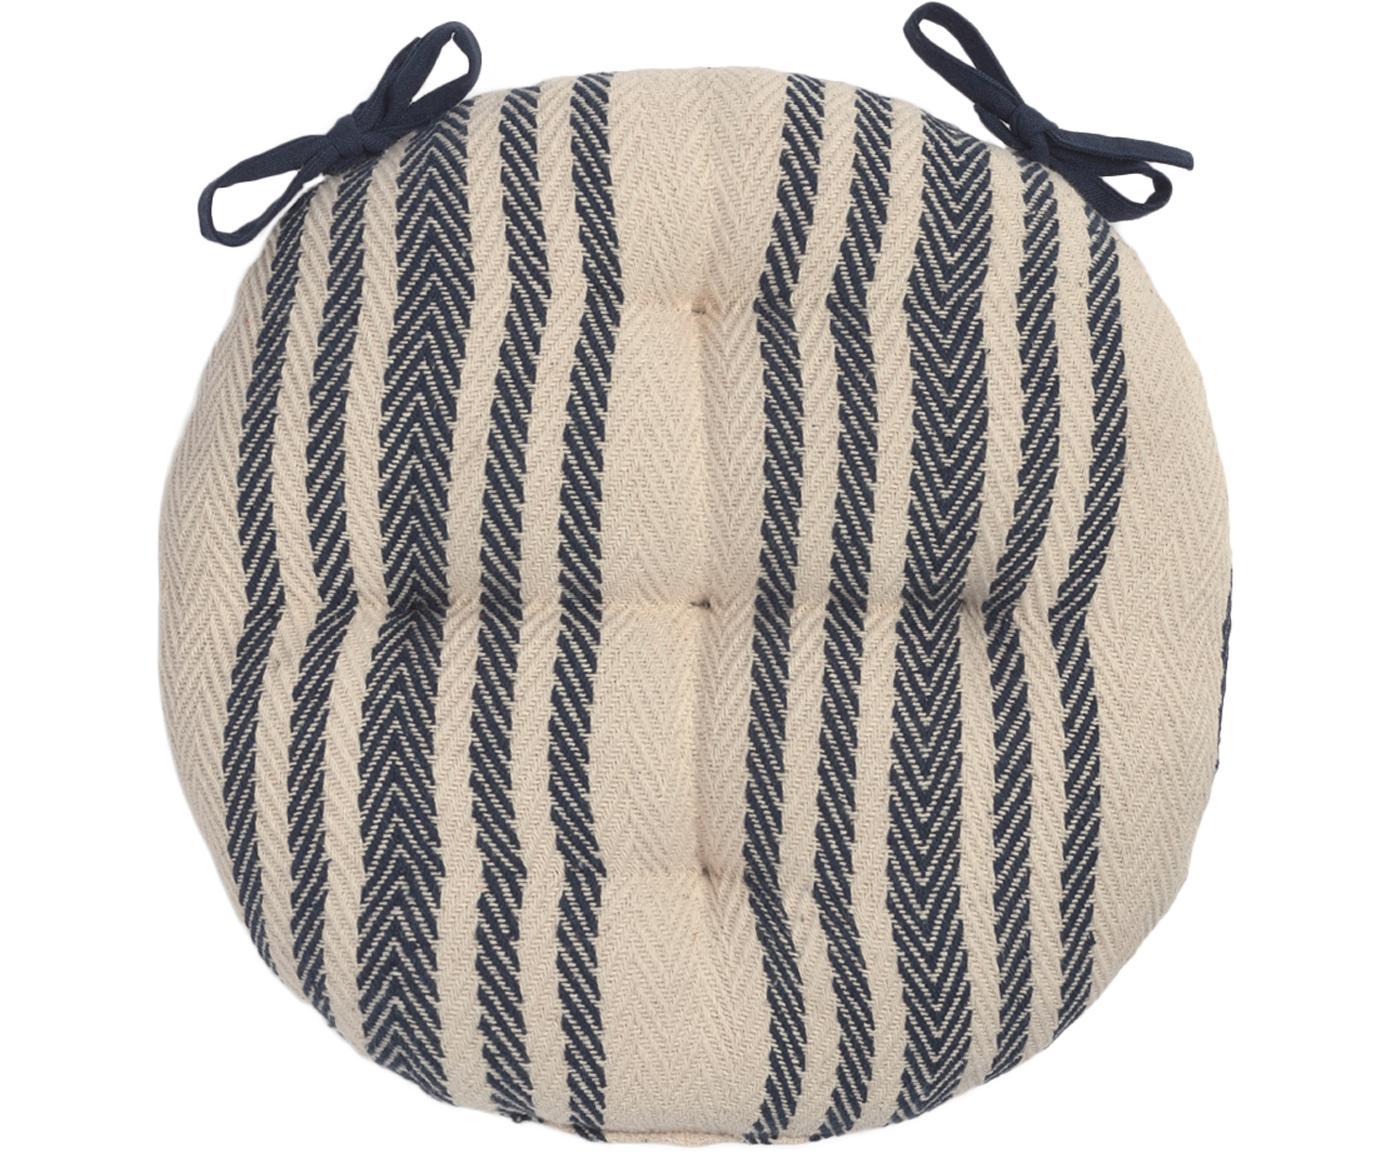 Rundes Sitzkissen Puket, gestreift, Dunkelblau, Weiß, Ø 40 cm